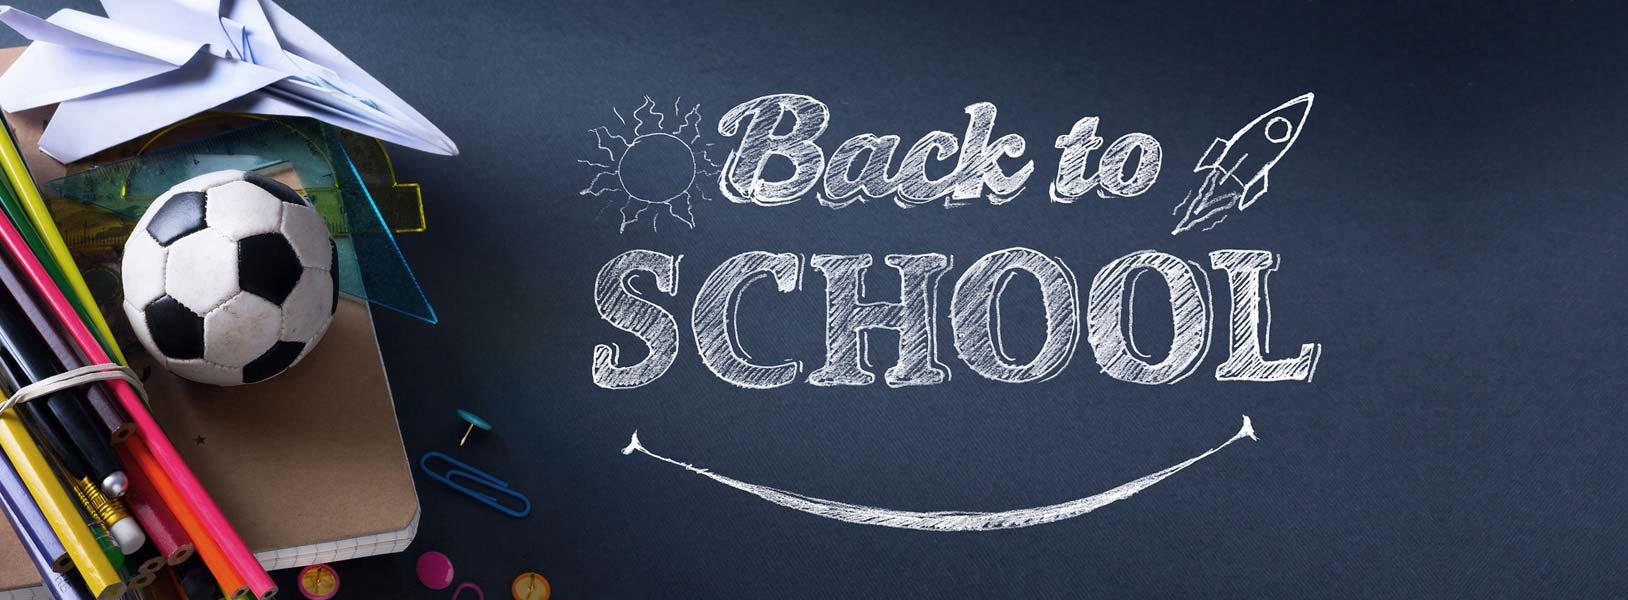 Back to School: affrontare al meglio il rientro a scuola